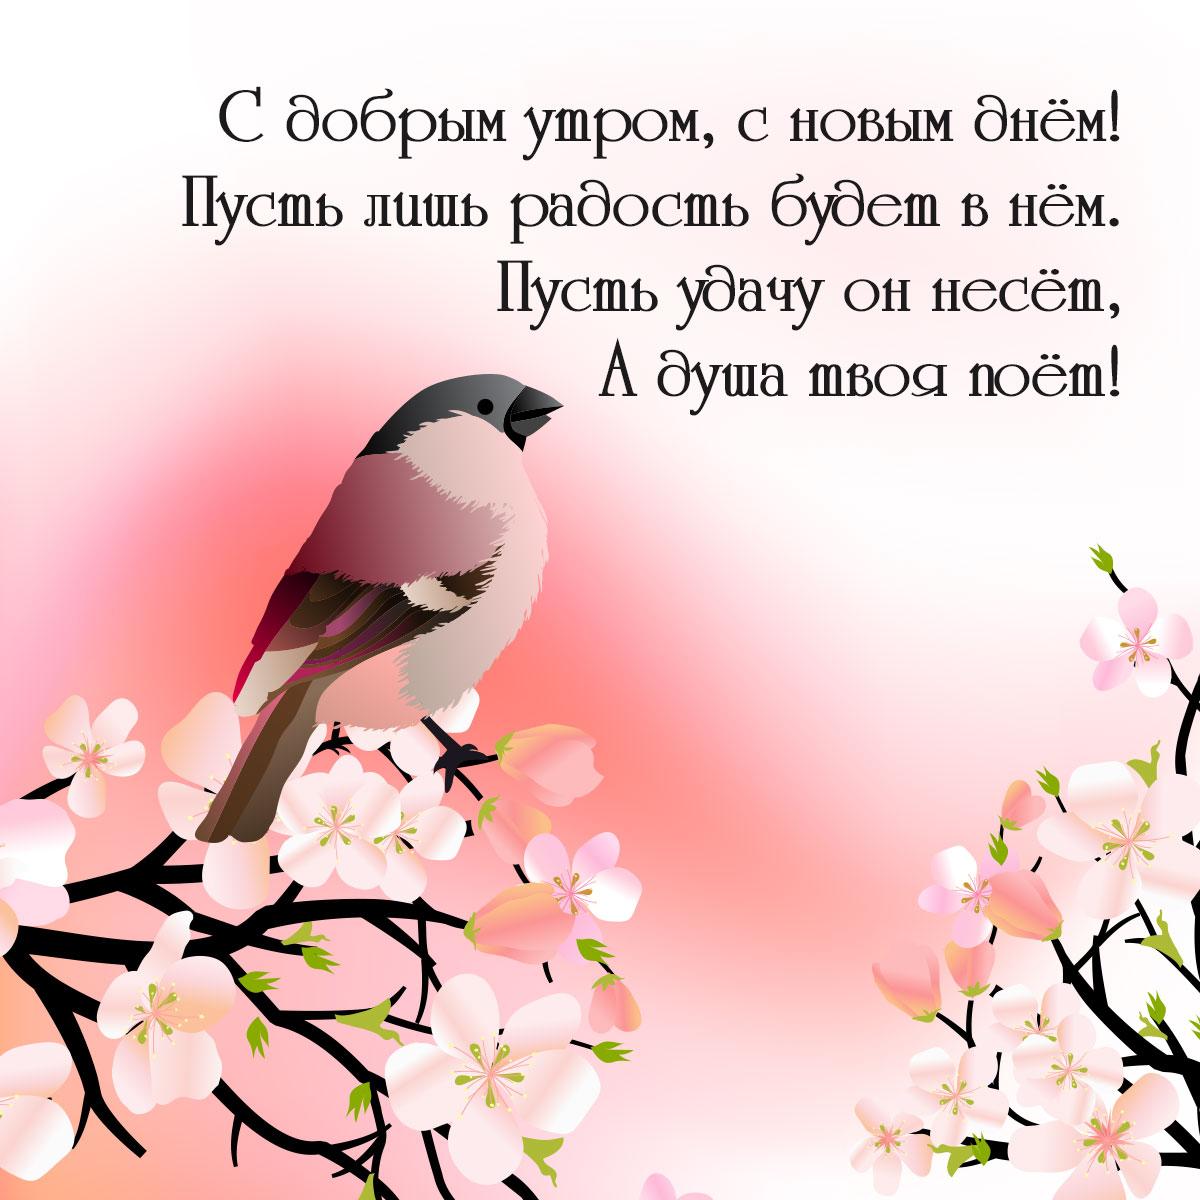 Картинка с добрым утром новым днем с певчей птицей на цветущих ветках и розовым фоном с текстом стихов.